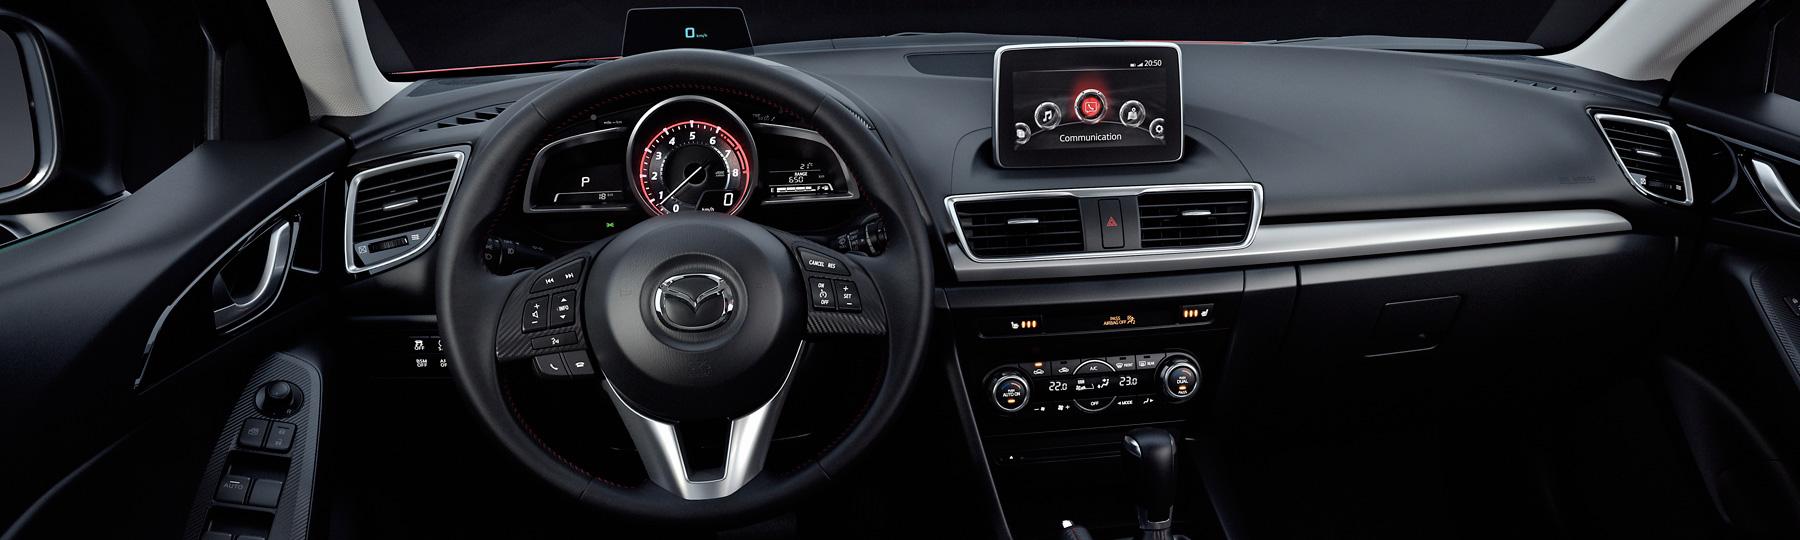 2014 Mazda 3 Oil Change >> Oil Reset » Blog Archive » 2016 Mazda3 Maintenance Light Reset